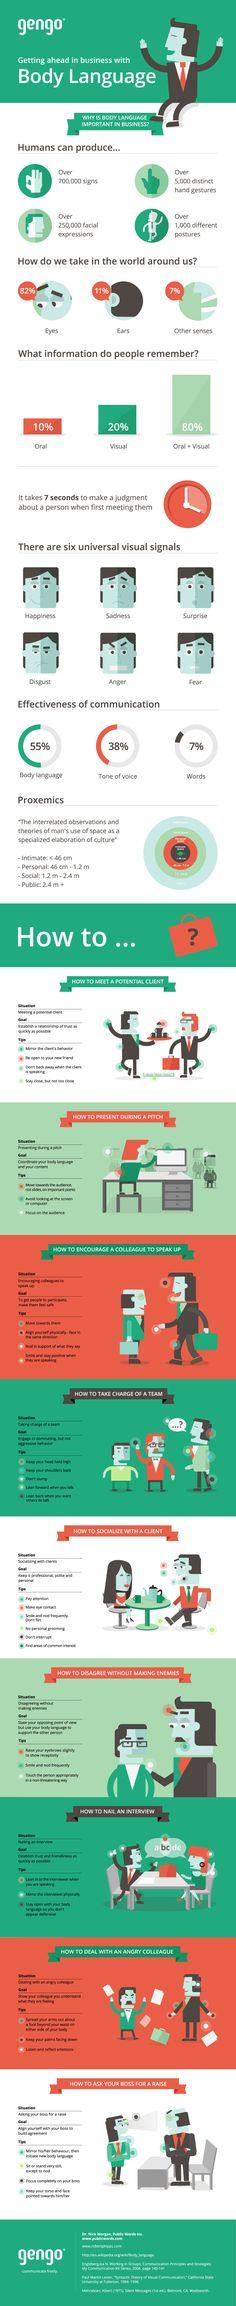 #Infographic  Laat je lichaamstaal voor je werken (via Intermediair.nl)